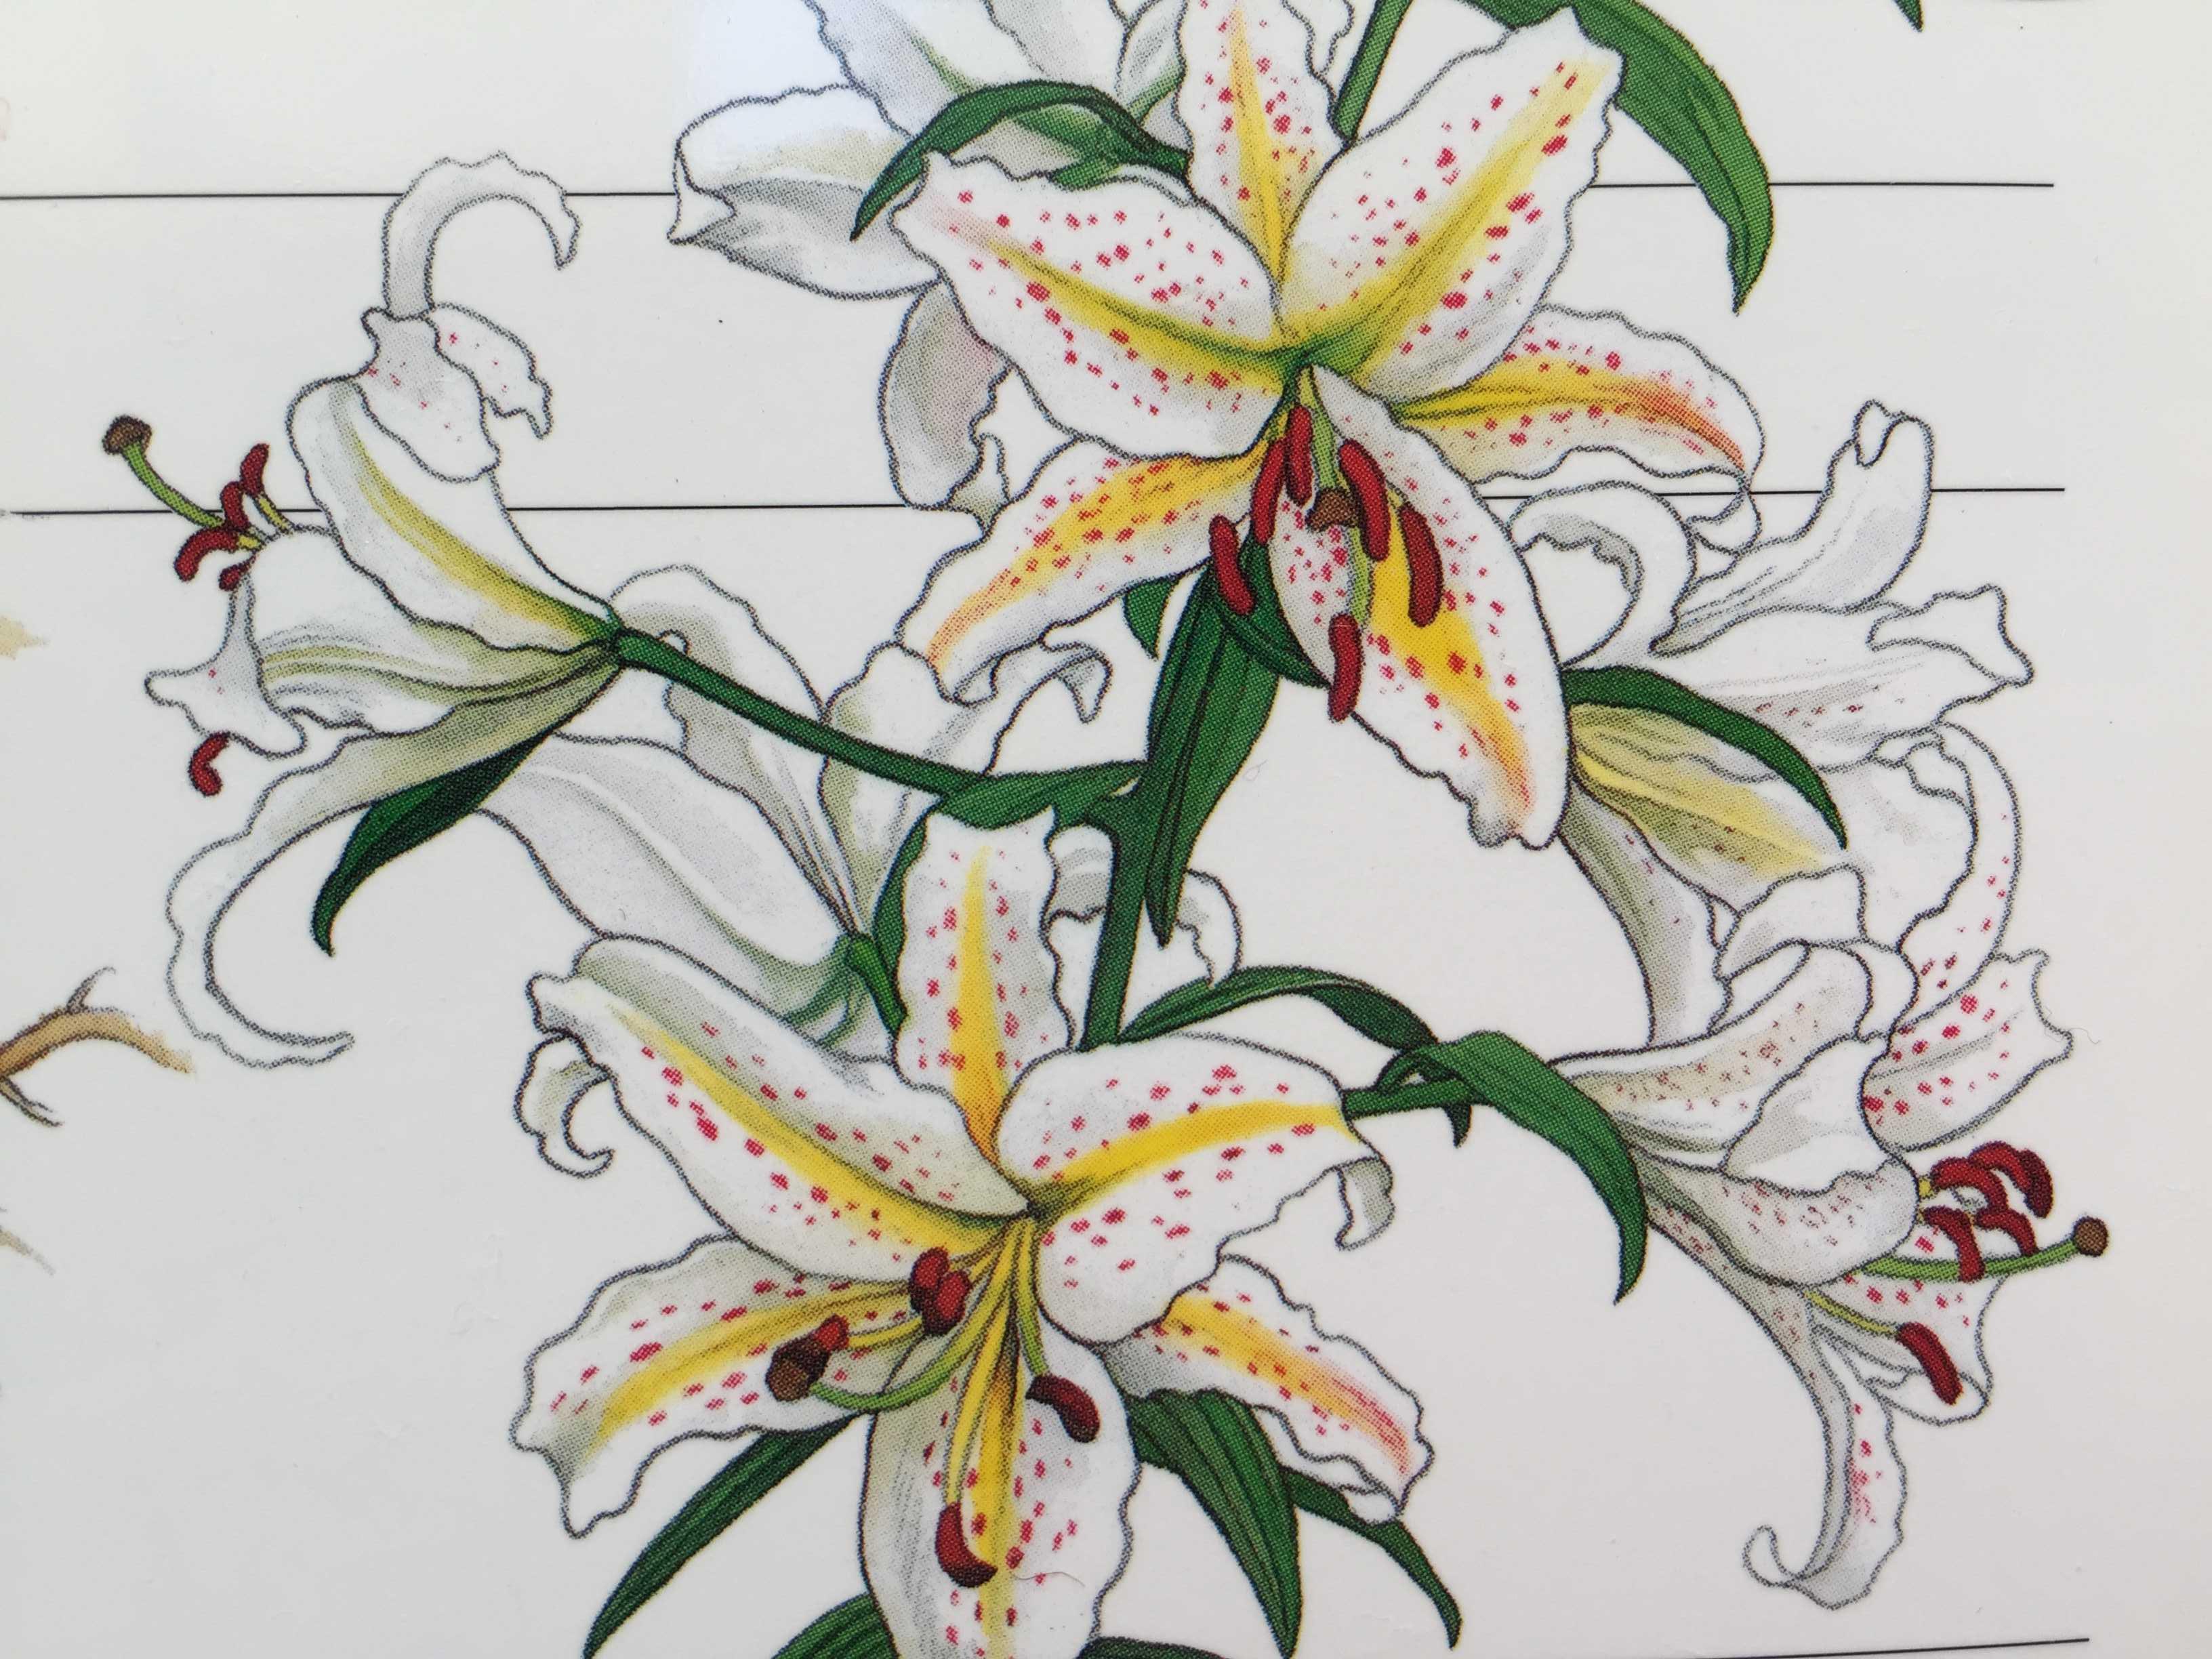 ヤマユリ -球根の増殖と花の楽しみ方、自生地復元- 小俣虎雄